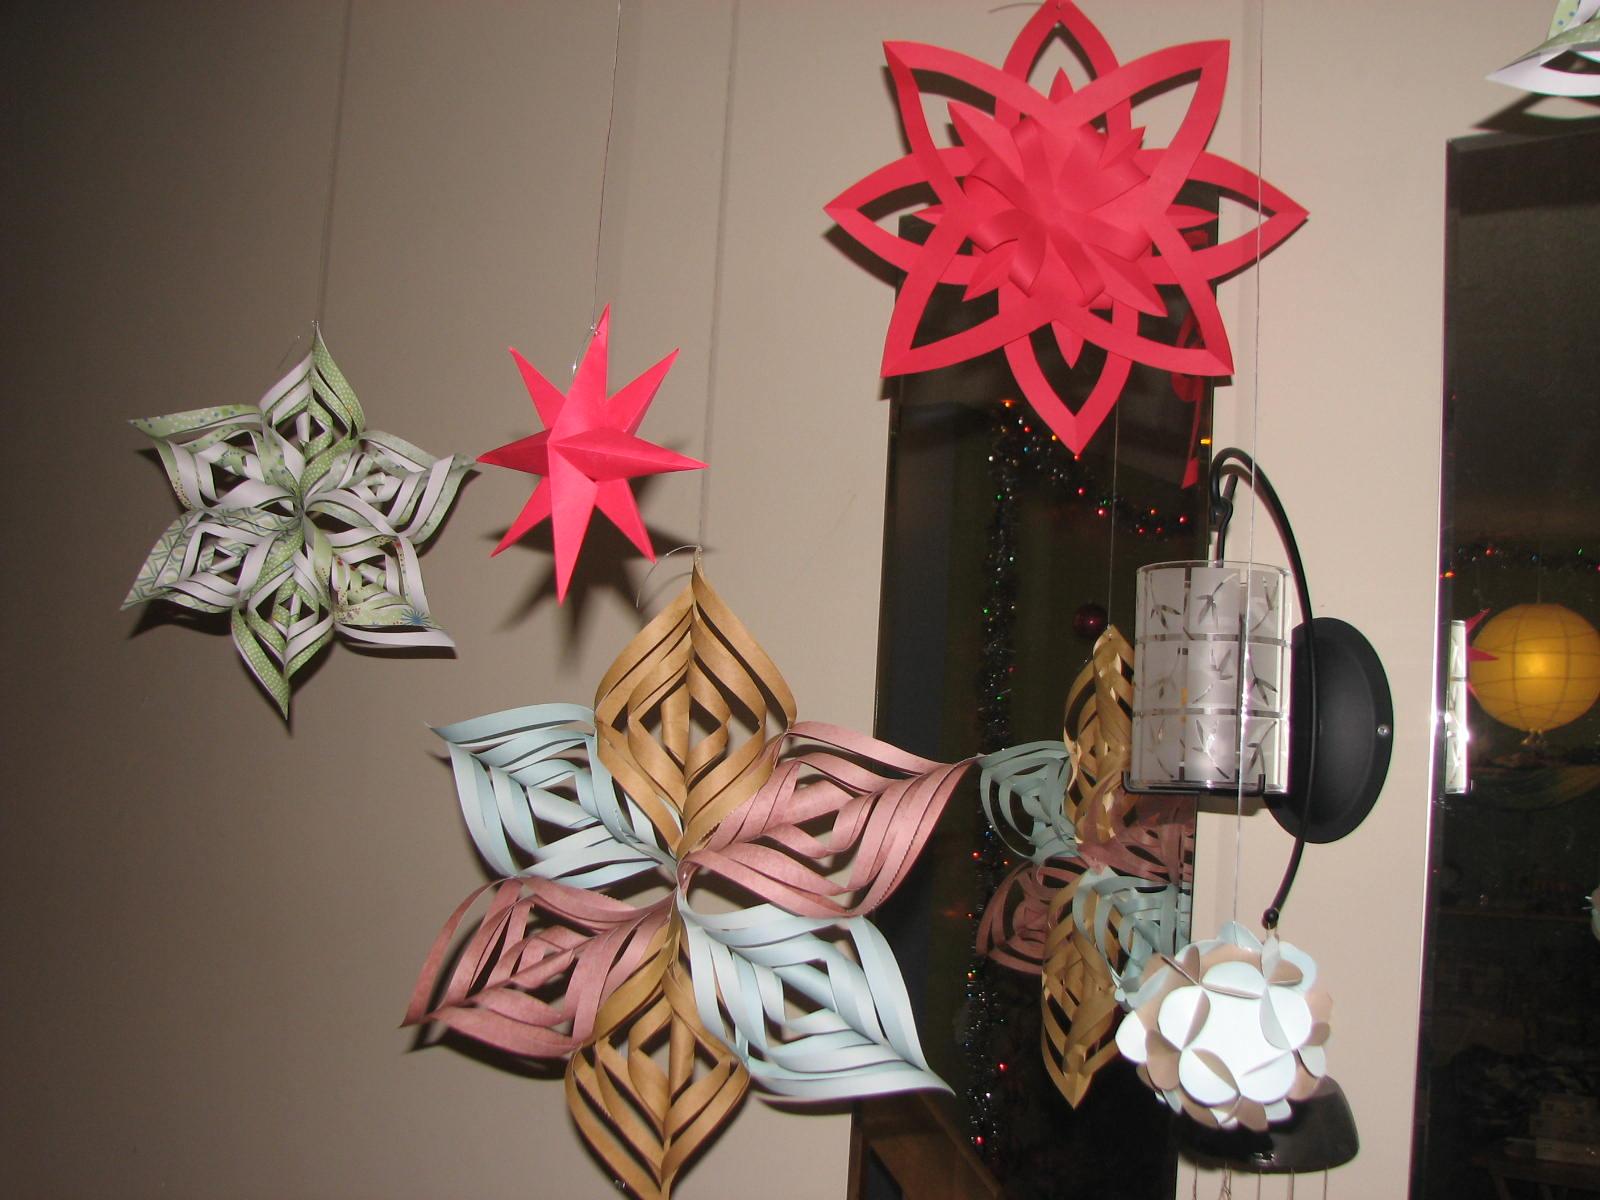 #B9122B Les Projets Créatifs De Fleur De Paix: Vive Les  5413 décorations de noel en papier 1600x1200 px @ aertt.com